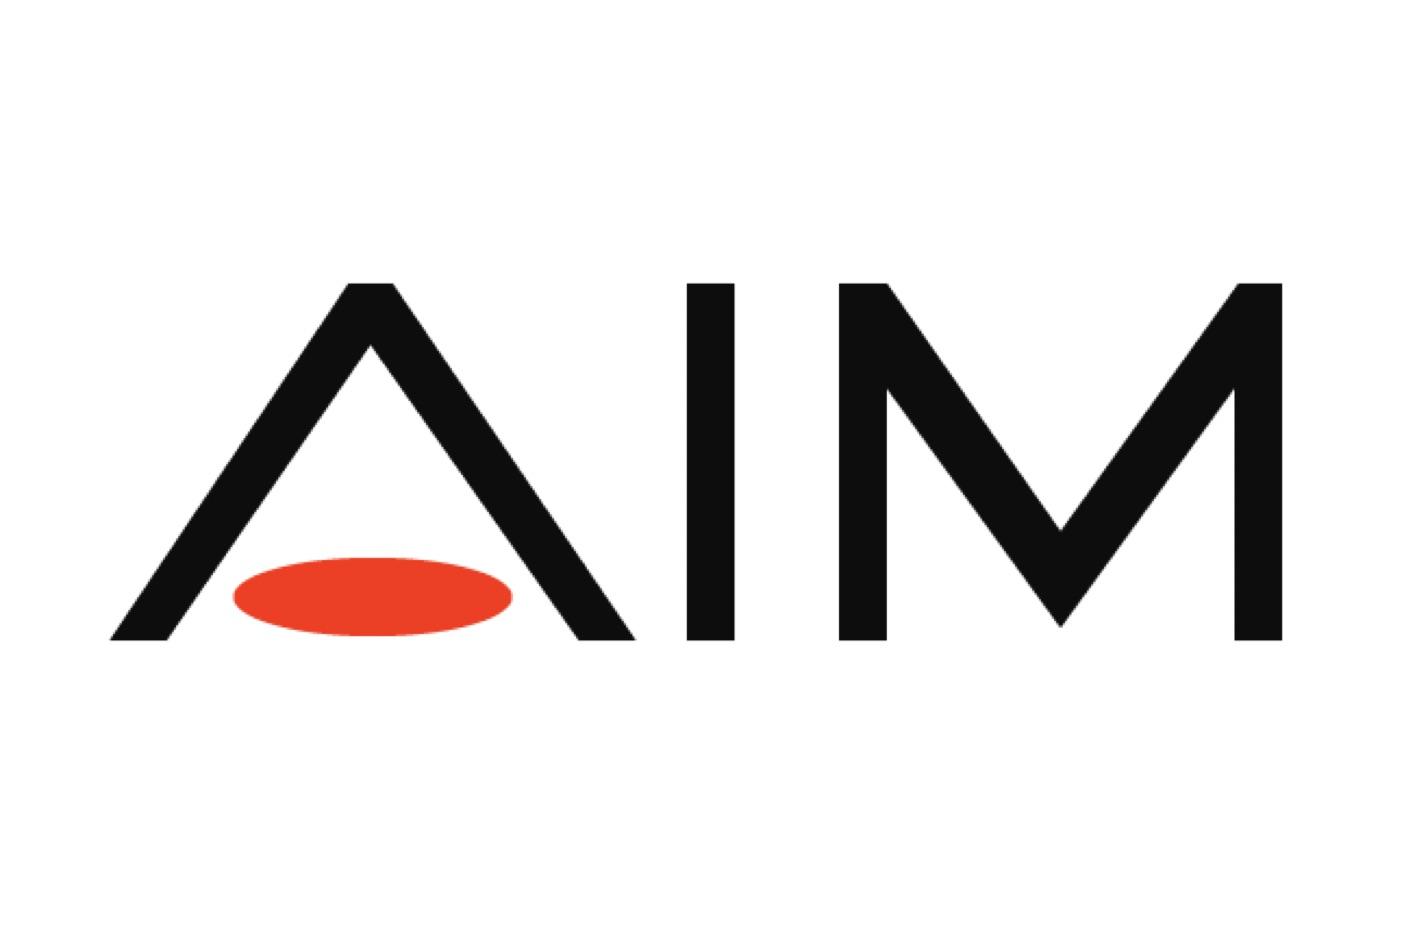 内視鏡AI開発のAIメディカルサービス、約46億円を資金調達し臨床試験や海外展開を推進